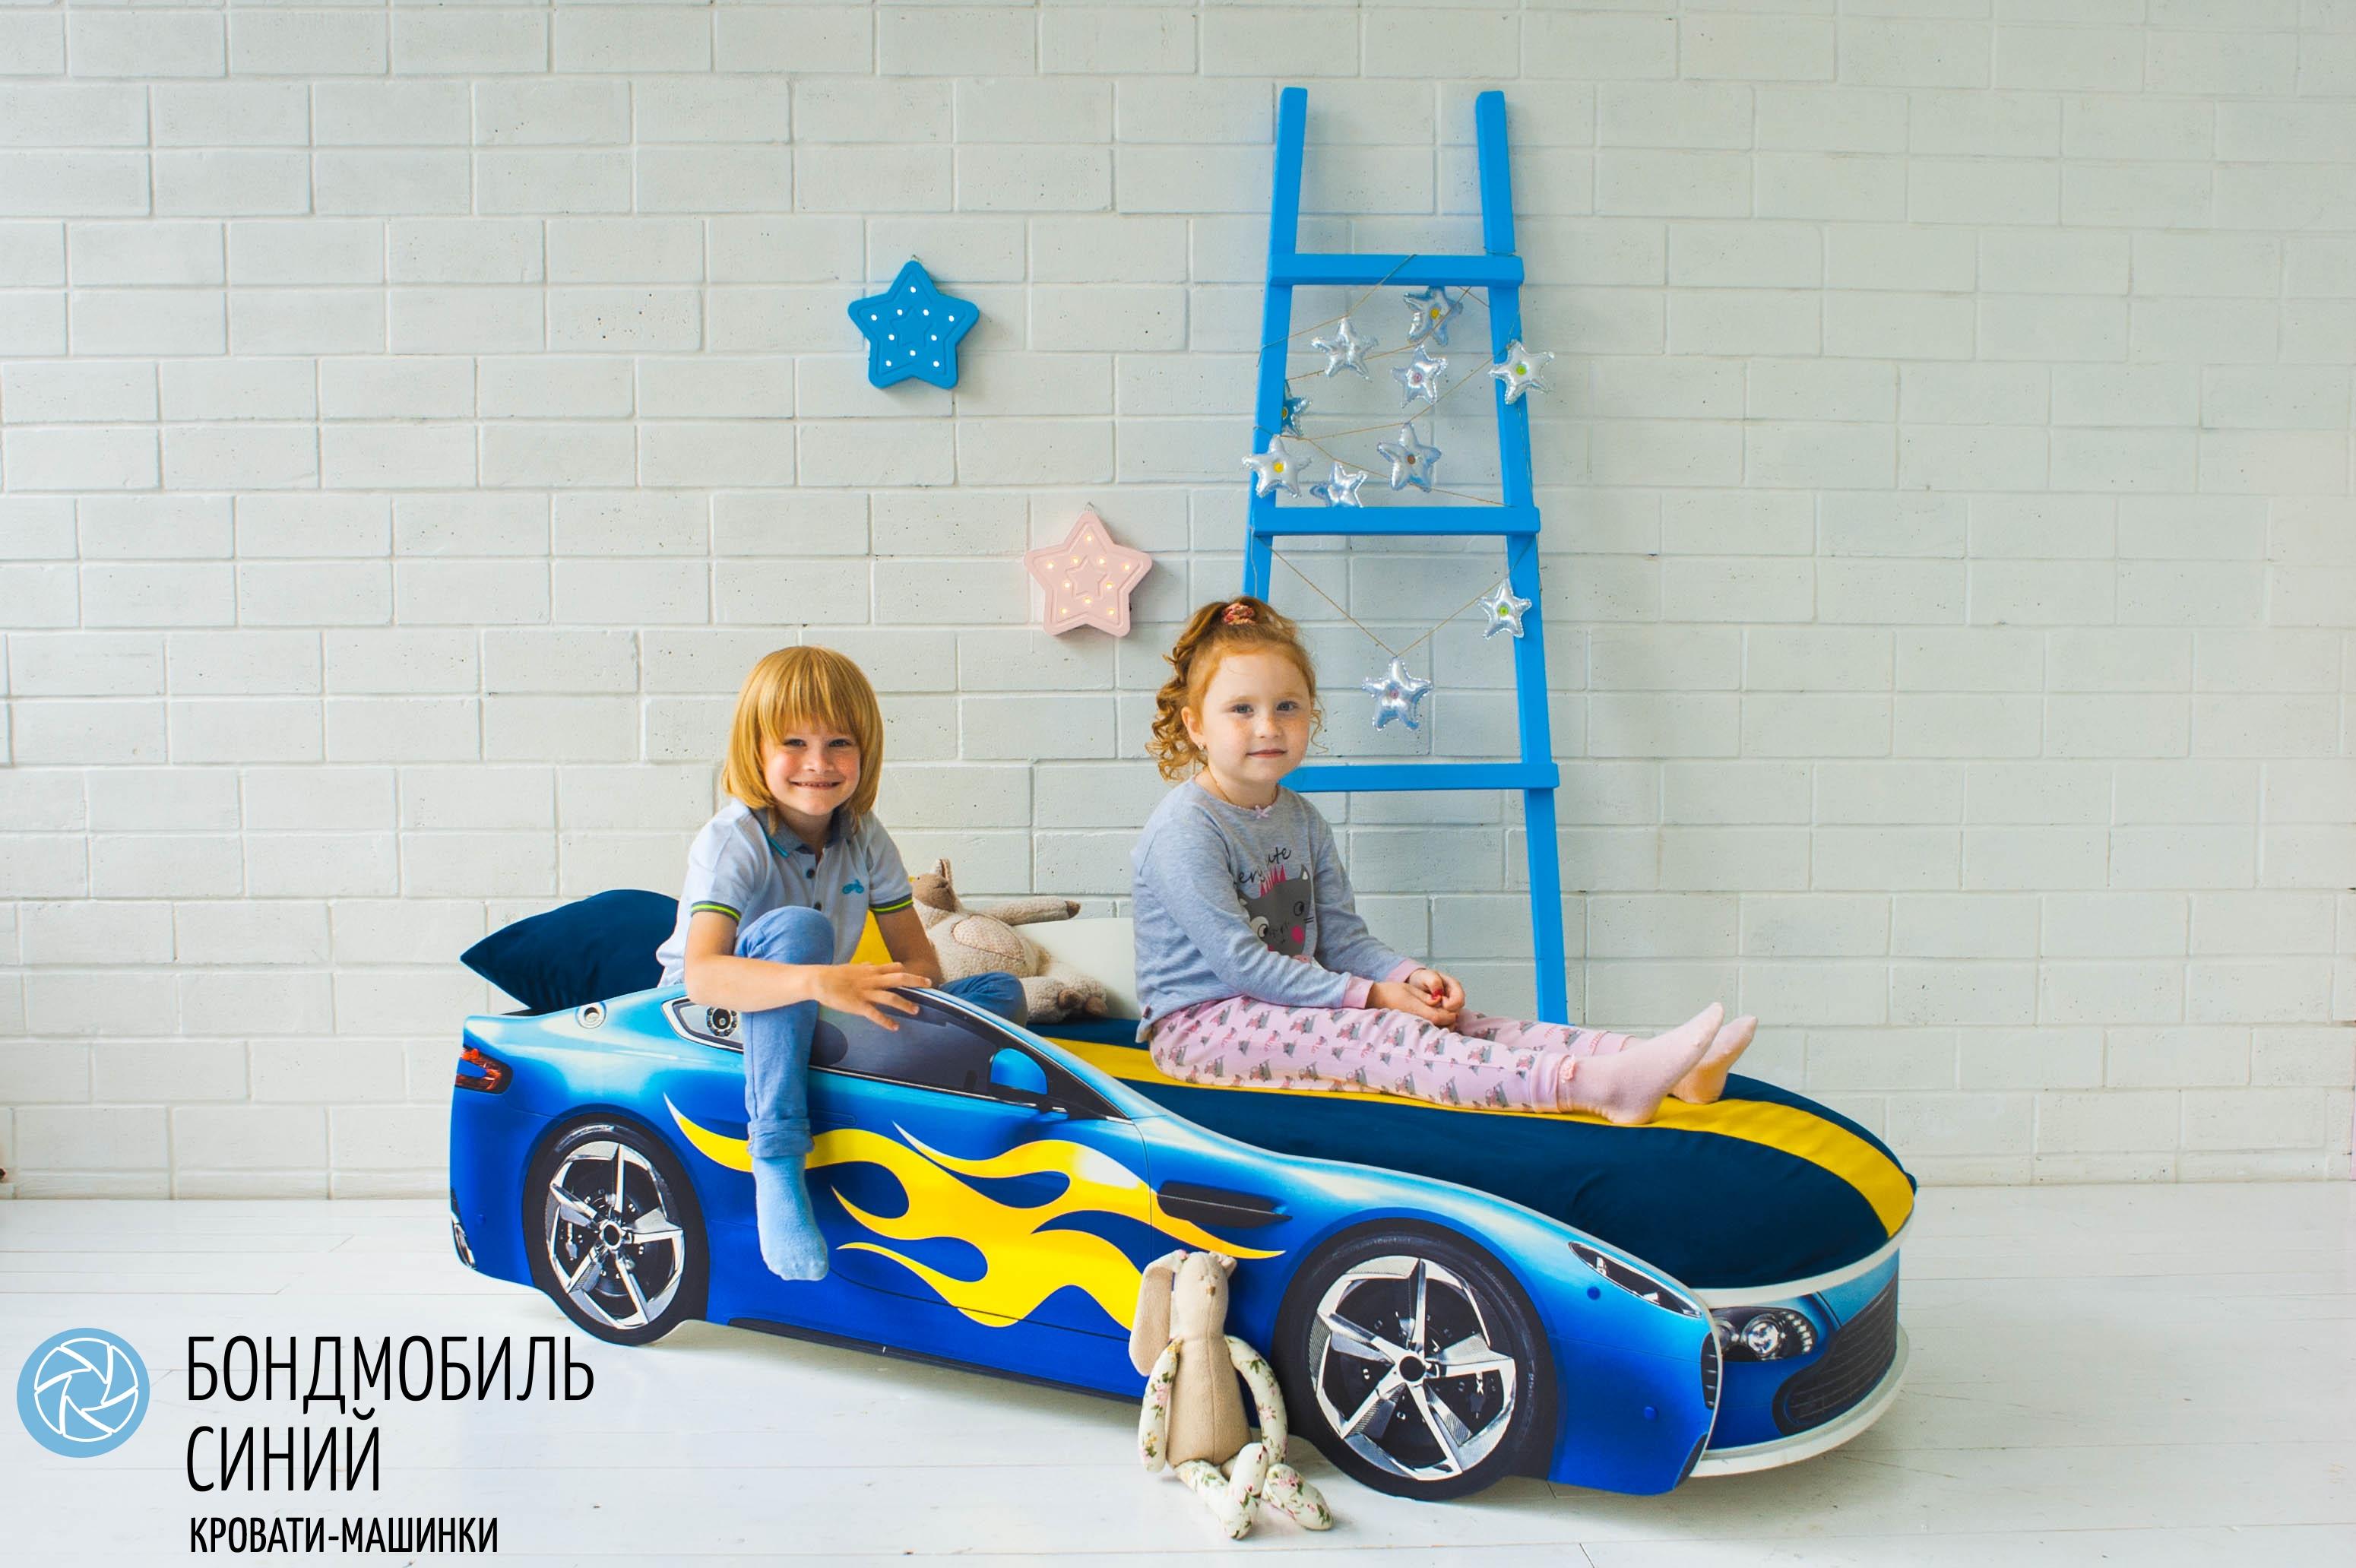 Детская кровать-машина синий -Бондмобиль-8